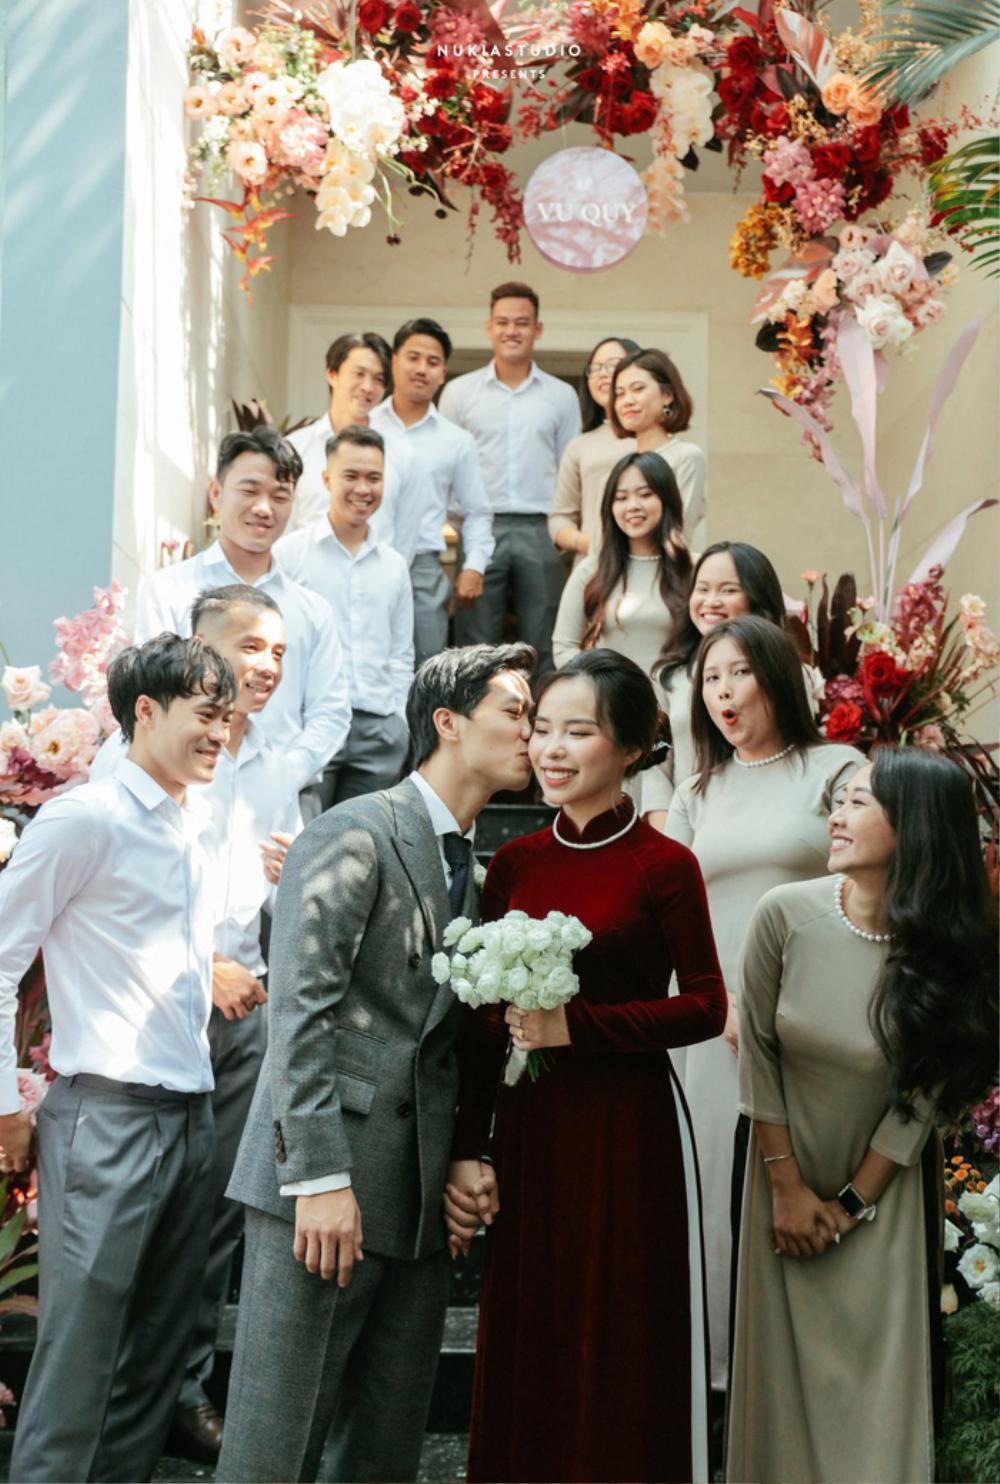 Công Phượng đăng loạt ảnh cưới chưa từng được công bố Ảnh 4